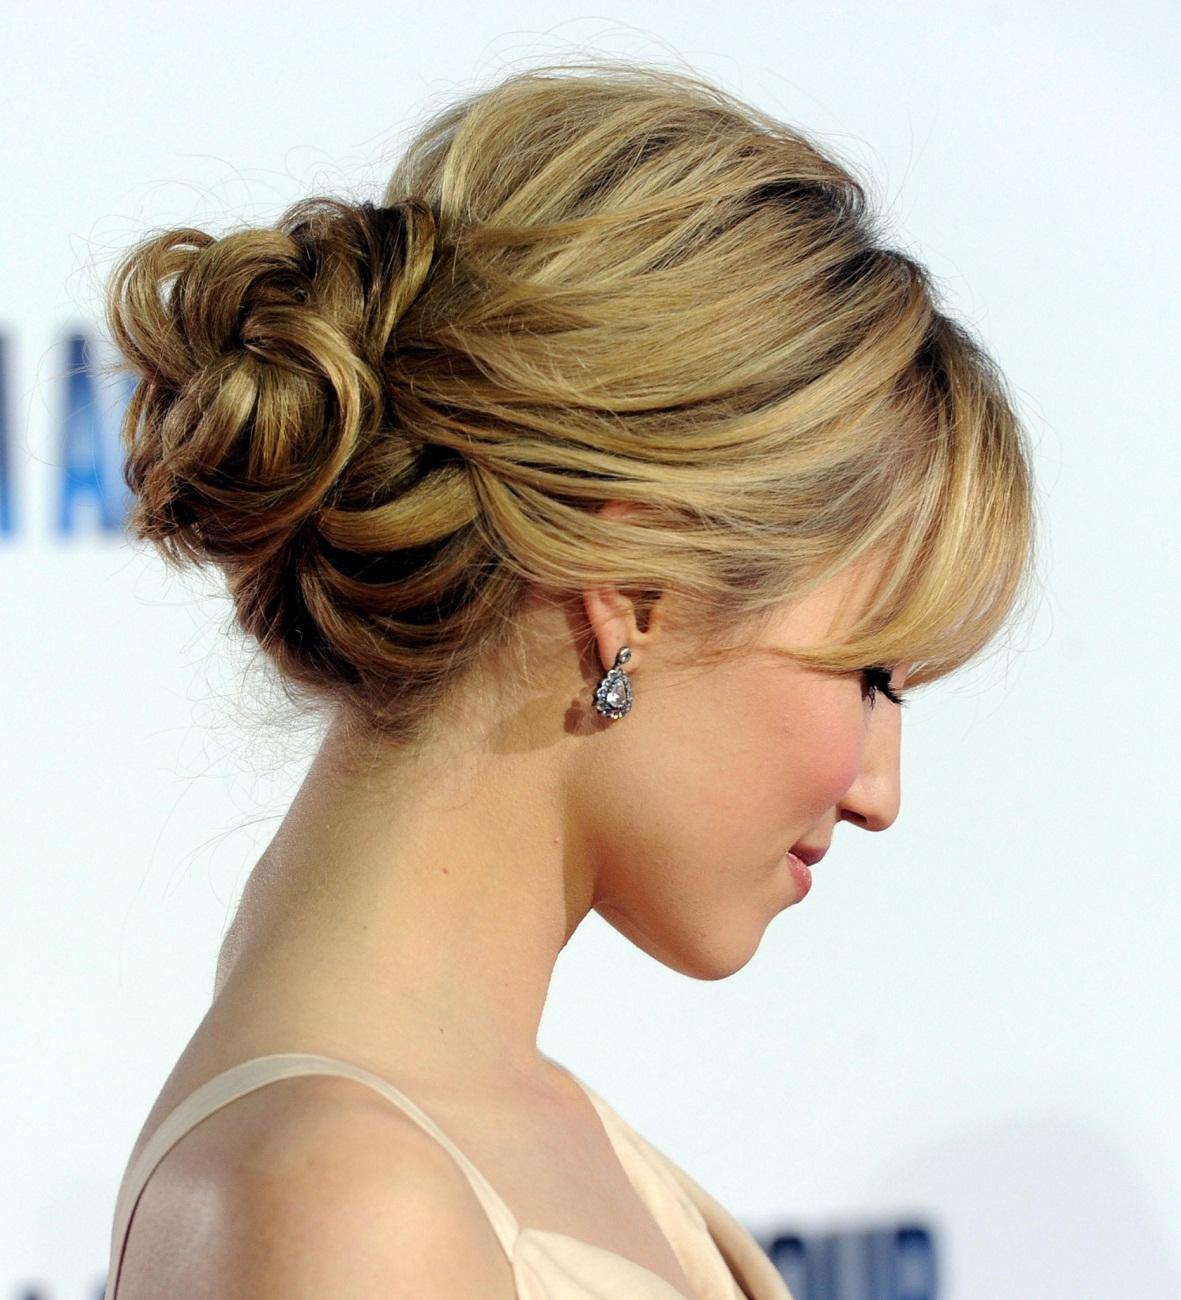 Fotos de peinados para graduación. Prom hairstyles - Paperblog